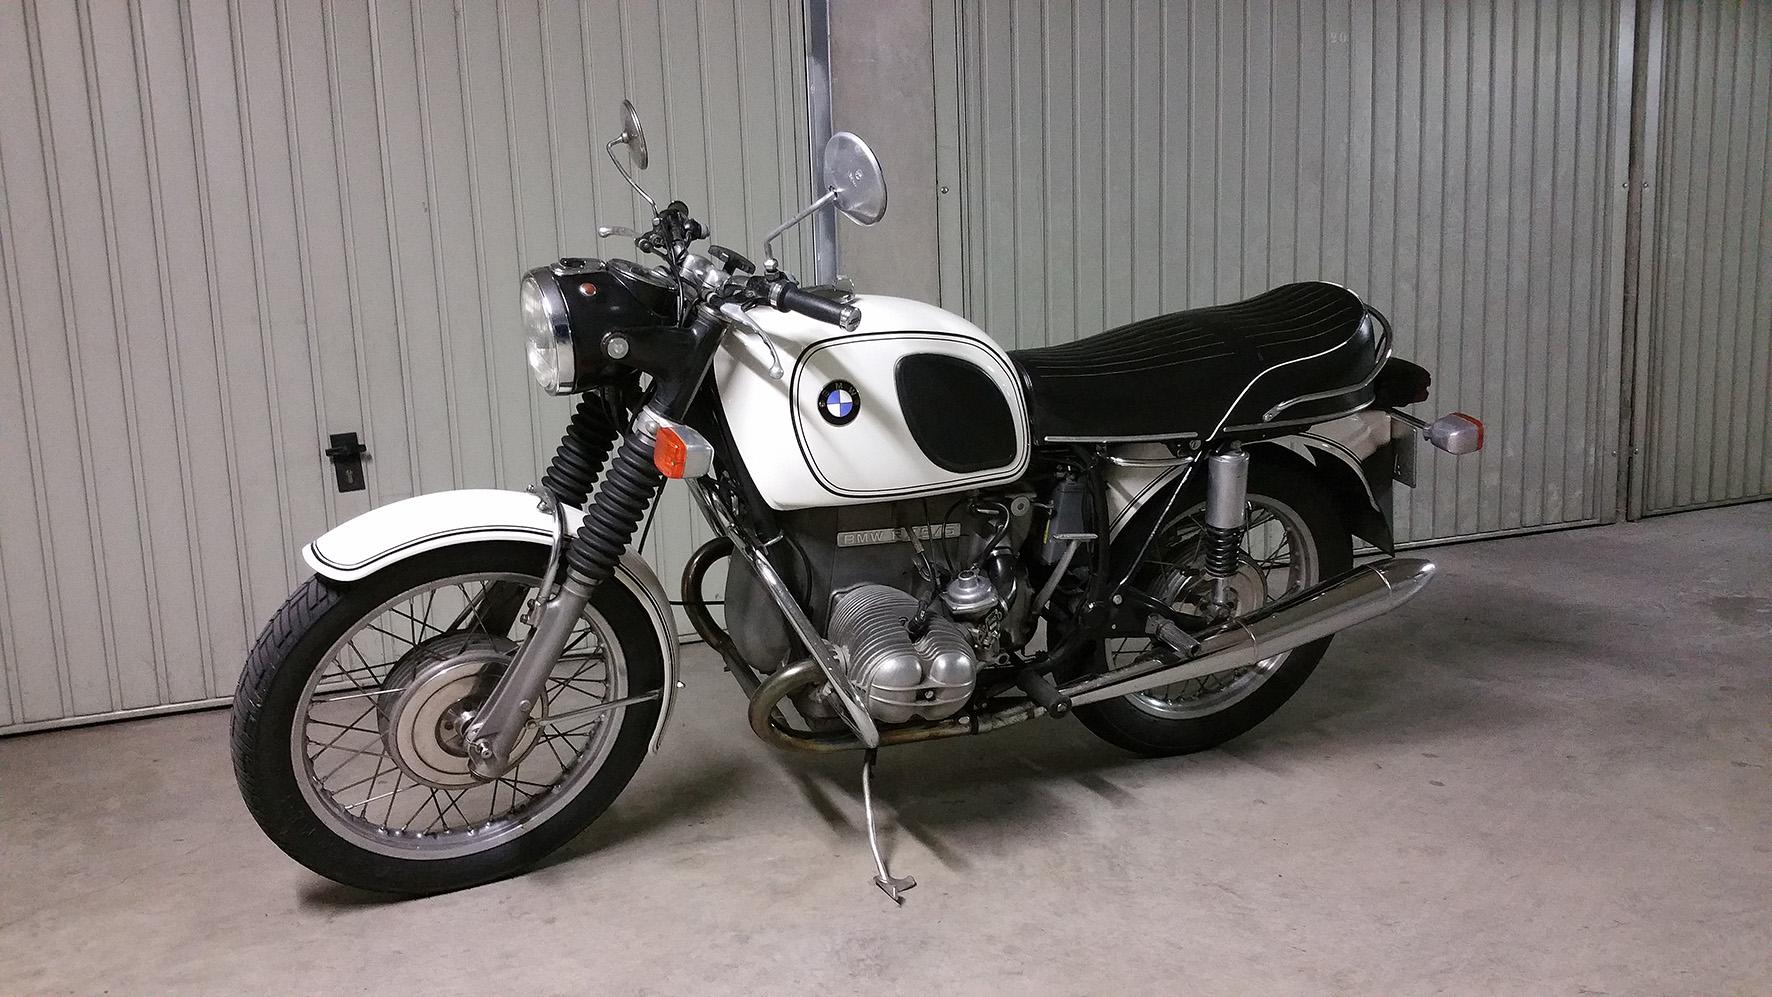 Une photo de ma vieille BMW R75/5 que j'ai restaurée patiemment... Peut-être à vendre bientôt...